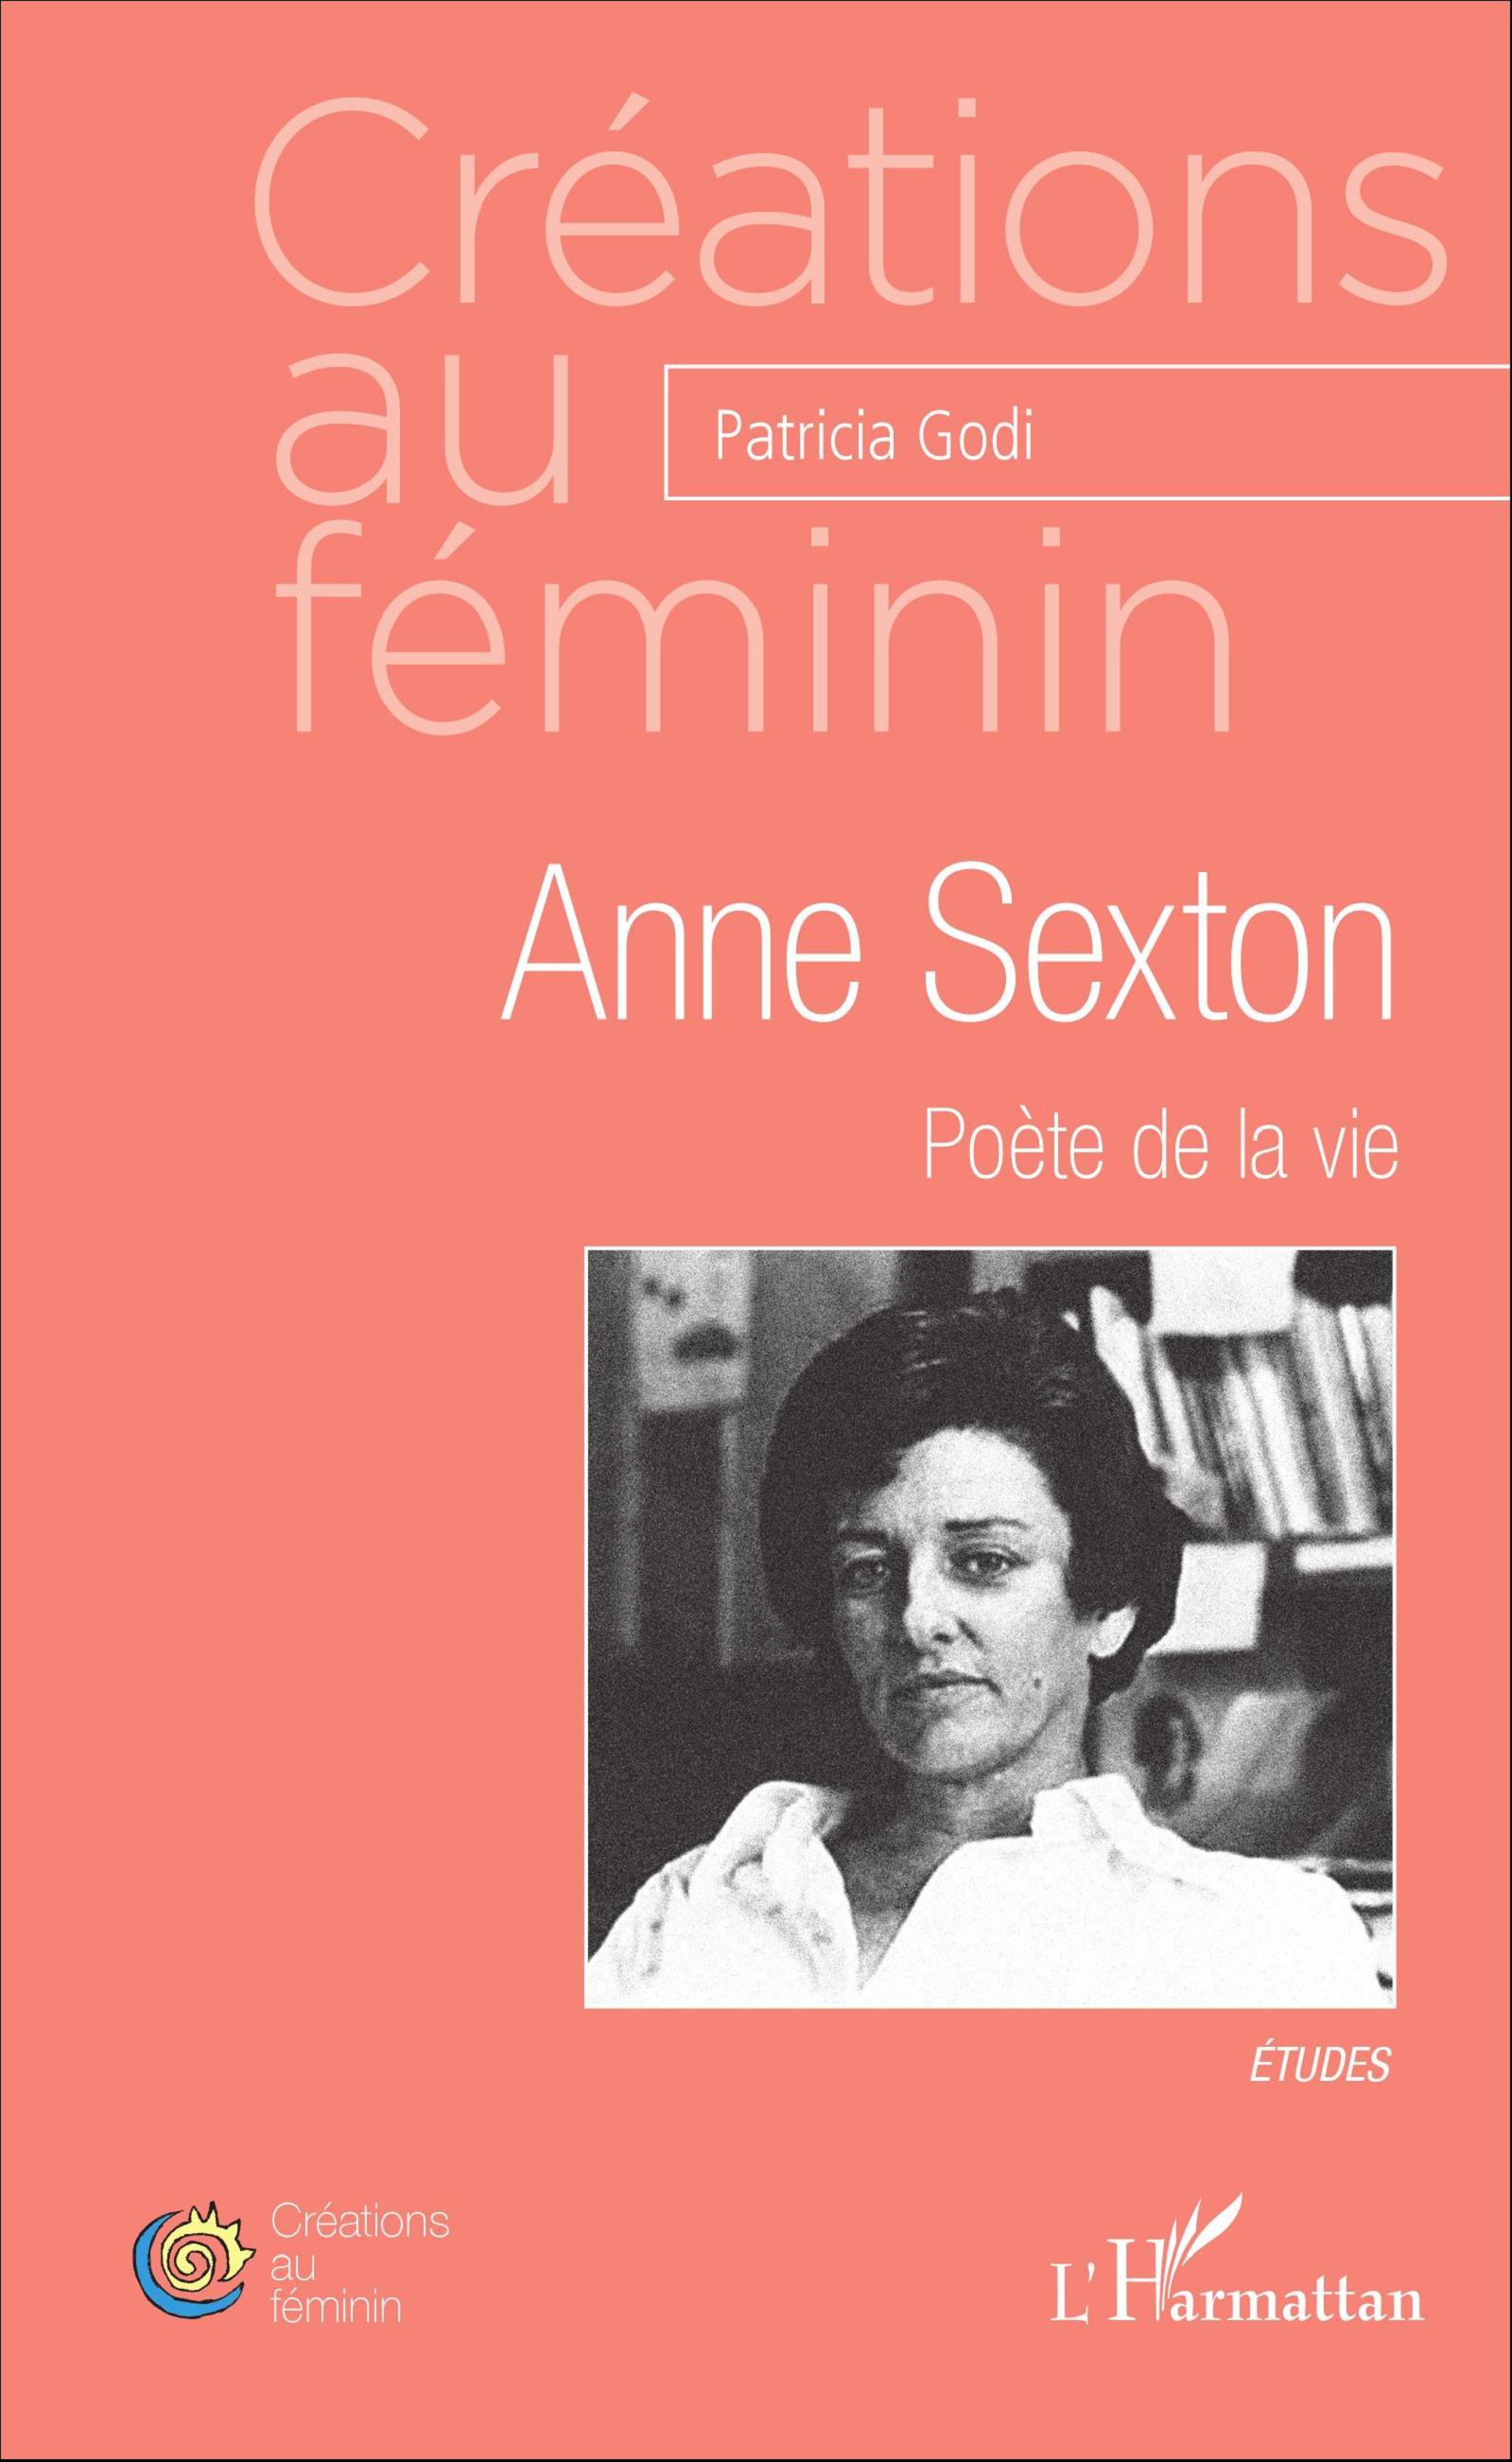 P. Godi, Anne Sexton, poète de la vie